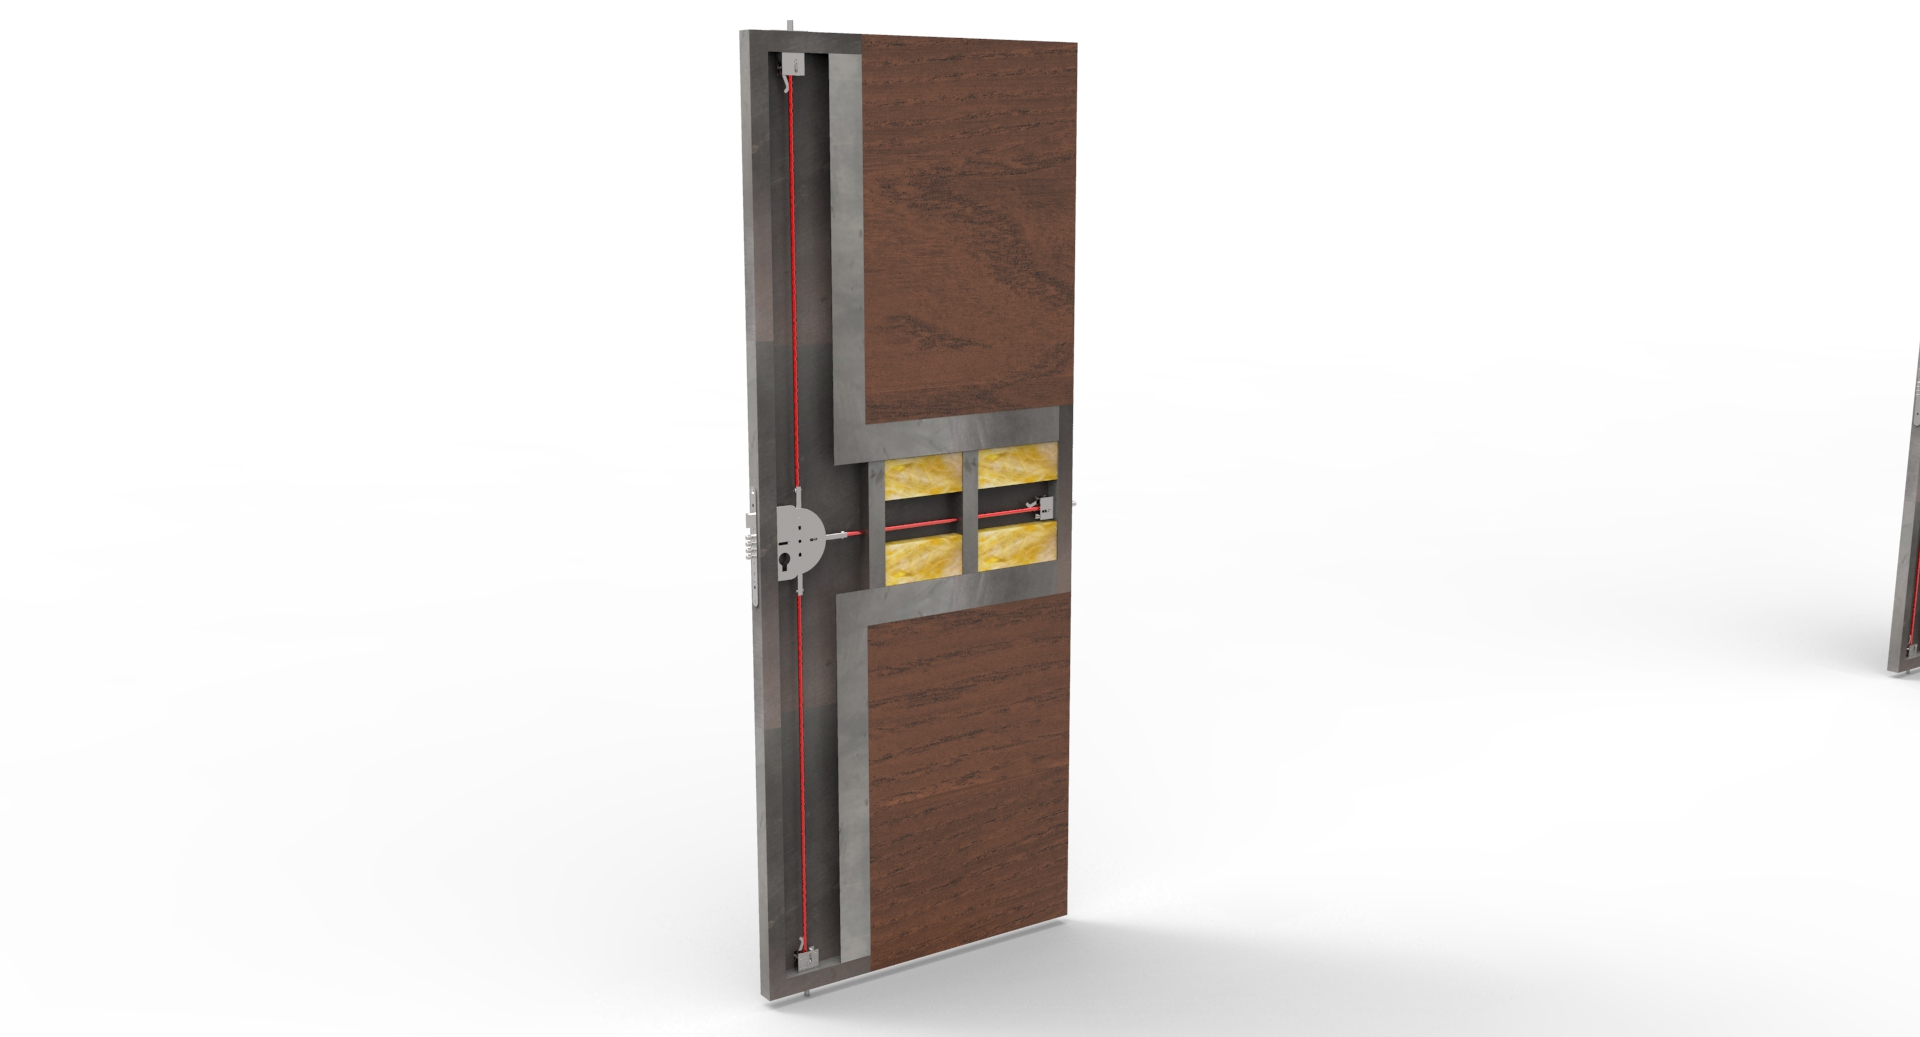 Puerta metálica con pestillos en 4 direcciónes